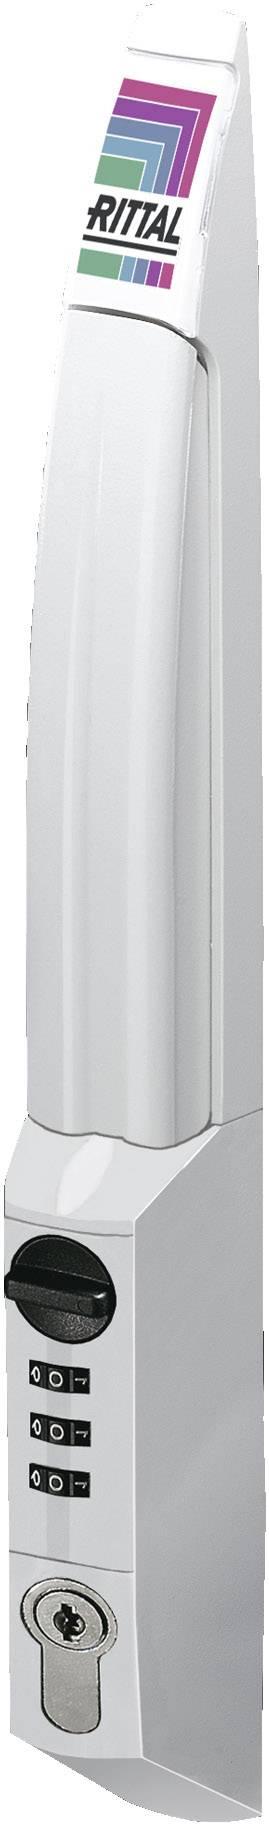 Bezpečnostná rukoväť Rittal DK 7200.800, umelá hmota, 1 ks